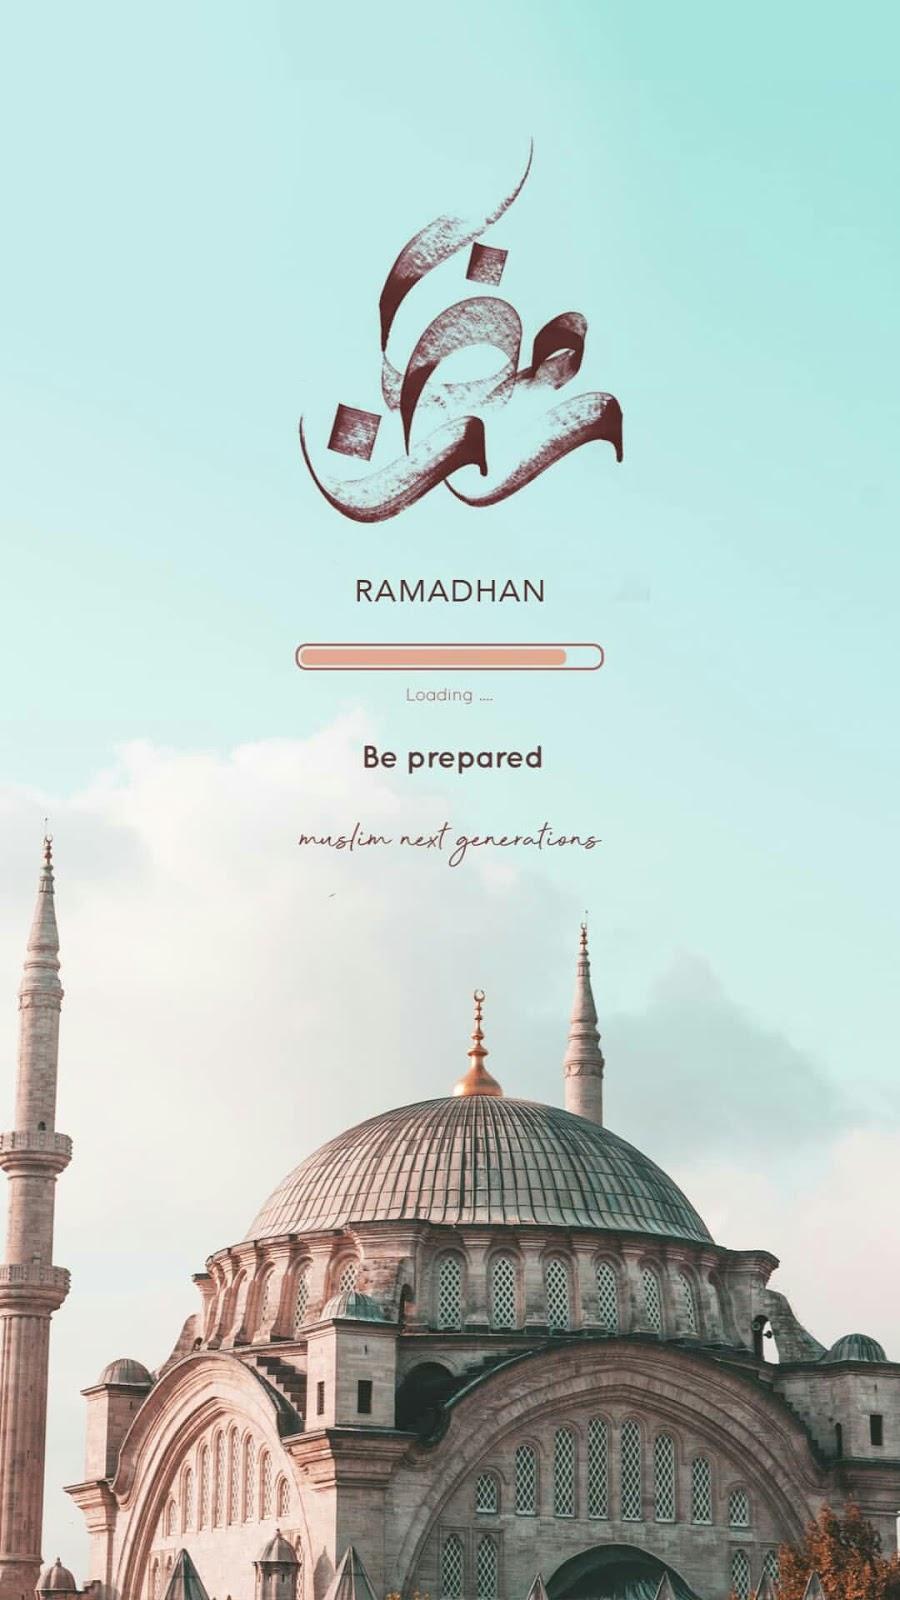 Wallpaper Ramadhan Keren Untuk HP Ukuran HD kaligrafi indah